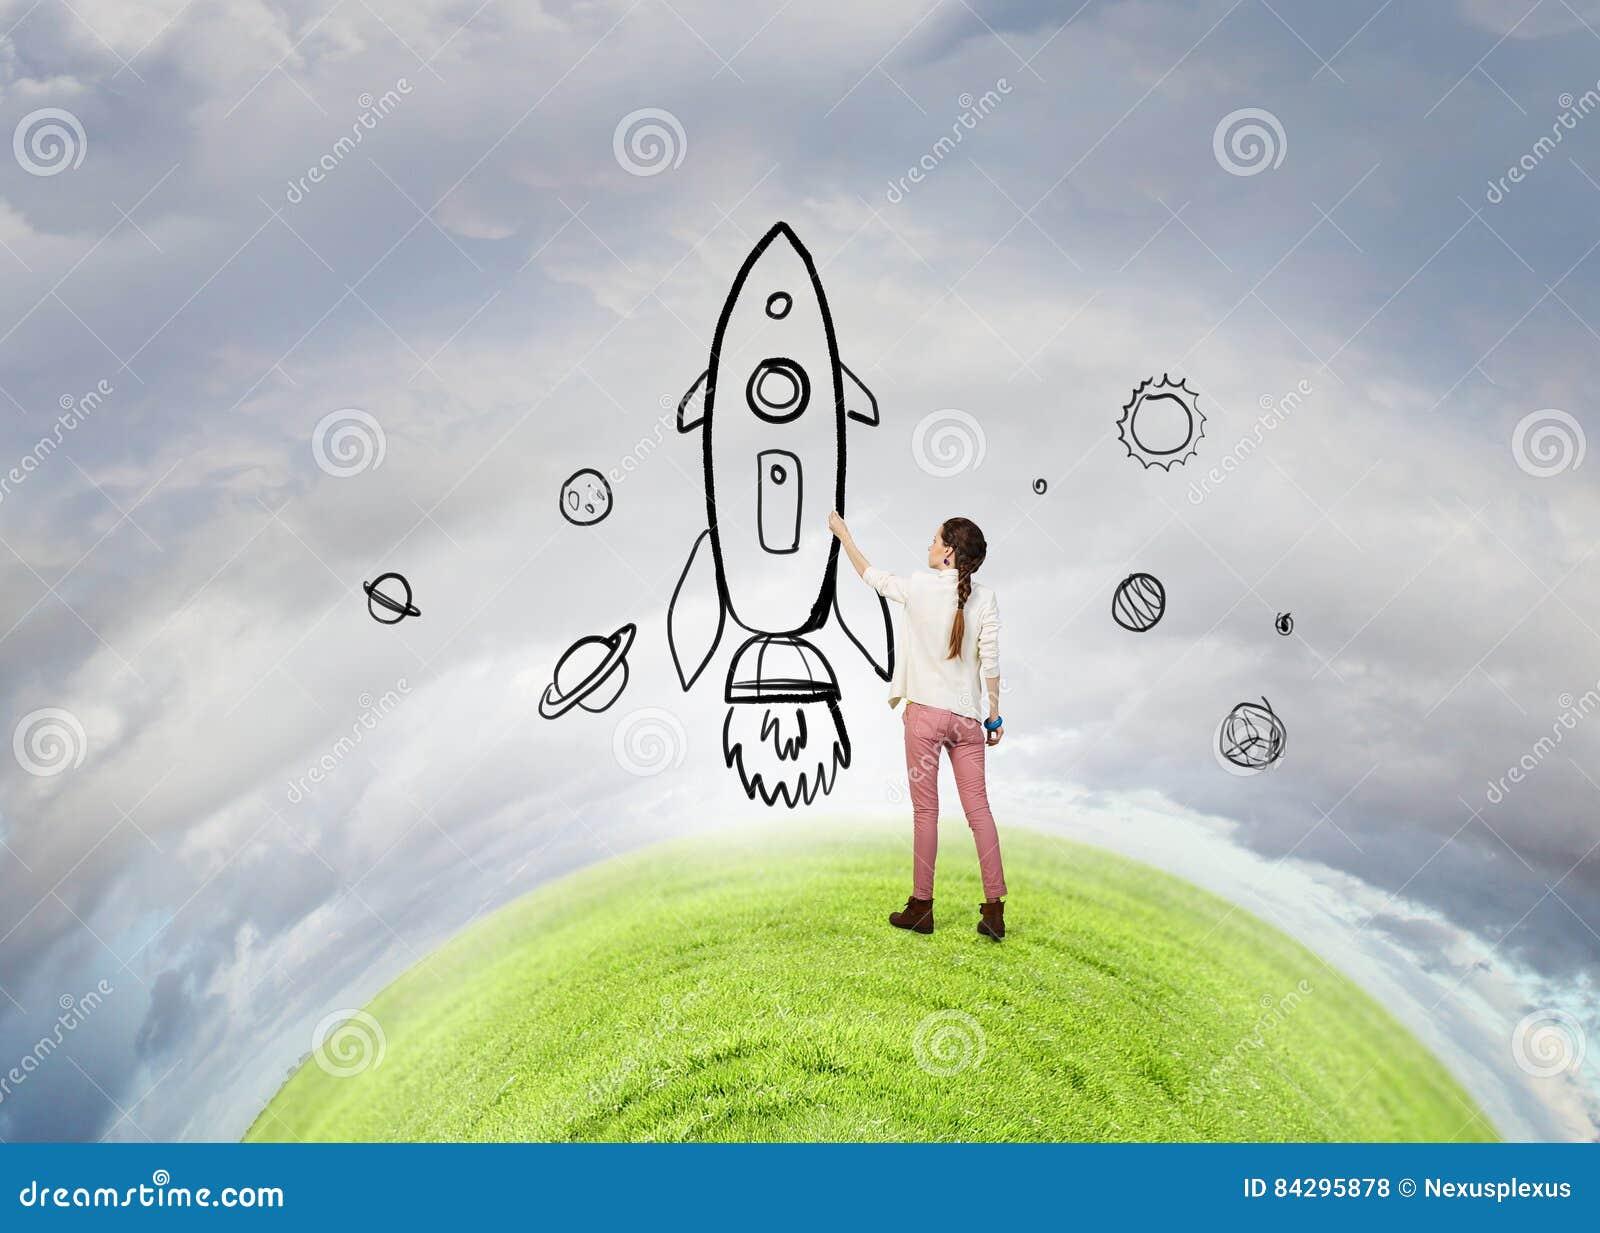 6720f9ac6b5e Cohete del dibujo de la mujer joven en la pared como concepto de la  astronomía. Imágenes stock más similares